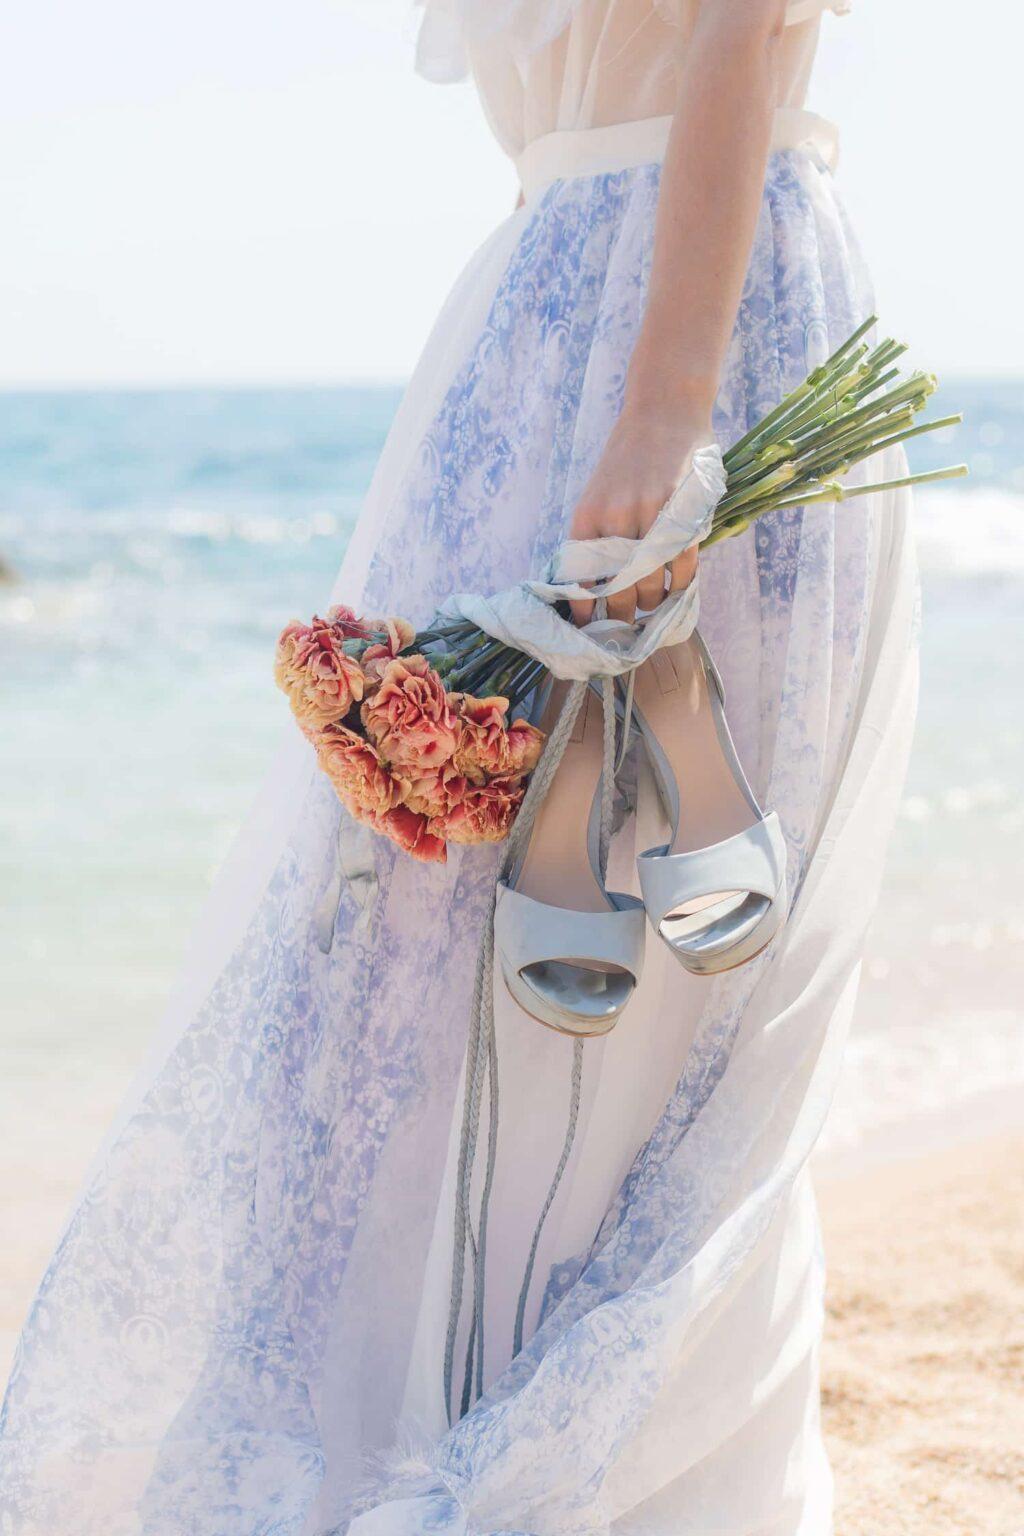 Elopement Hochzeitsplanung Frankfurt, Brautmode Wiesbaden, Heiraten am Strand in Spanien